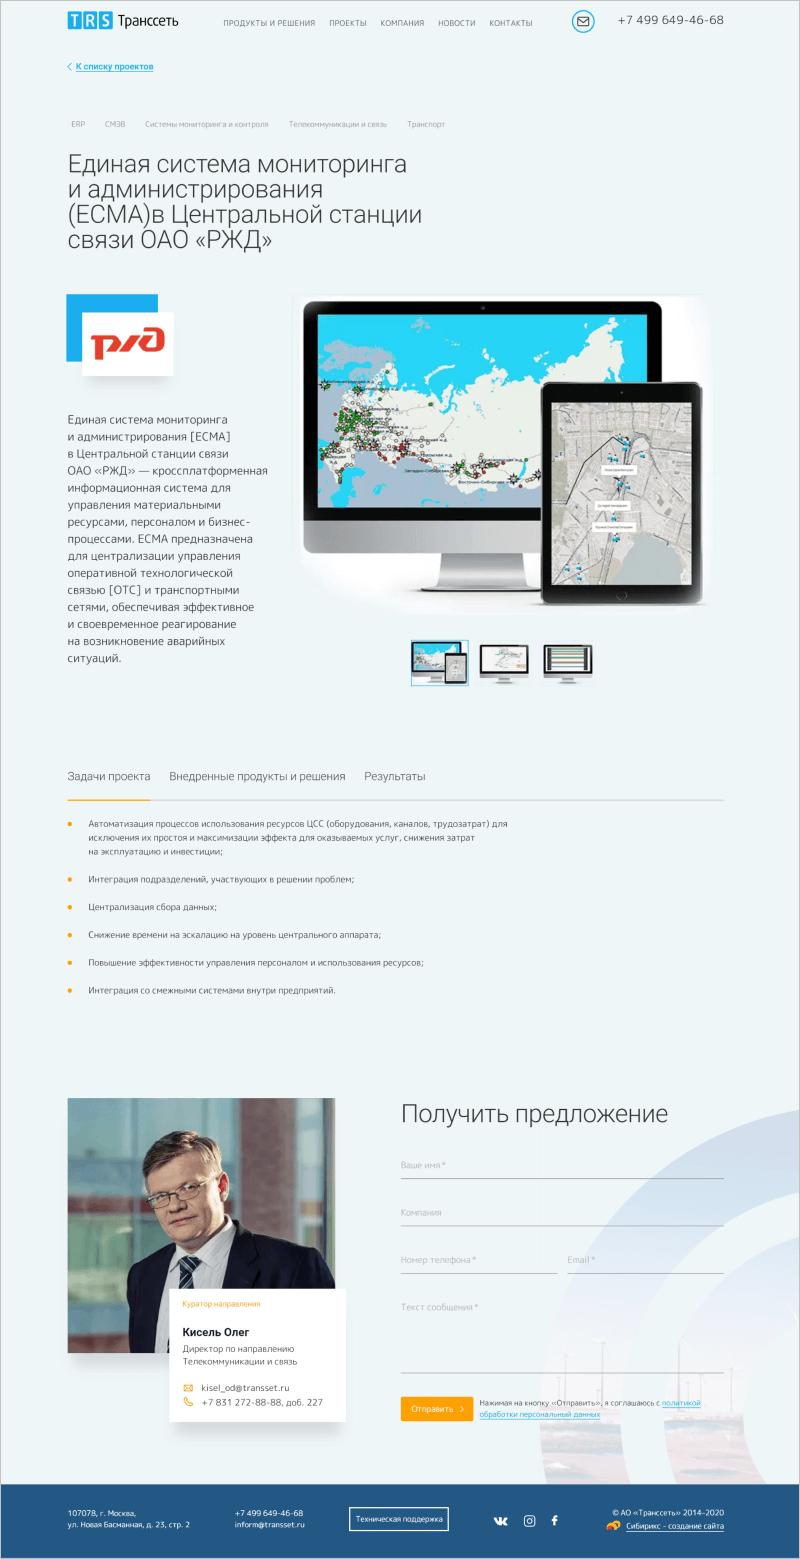 <p>Настранице проекта пользователь может узнать оего задачах, внедренных продуктах ирешениях, особенностях процесса внедрения идостигнутых результатах. Есть отзыв отпартнёра, информация окоманде проекта иформа CTA. </p><p>Продукты ипроекты можно привязывать кновостям.</p>